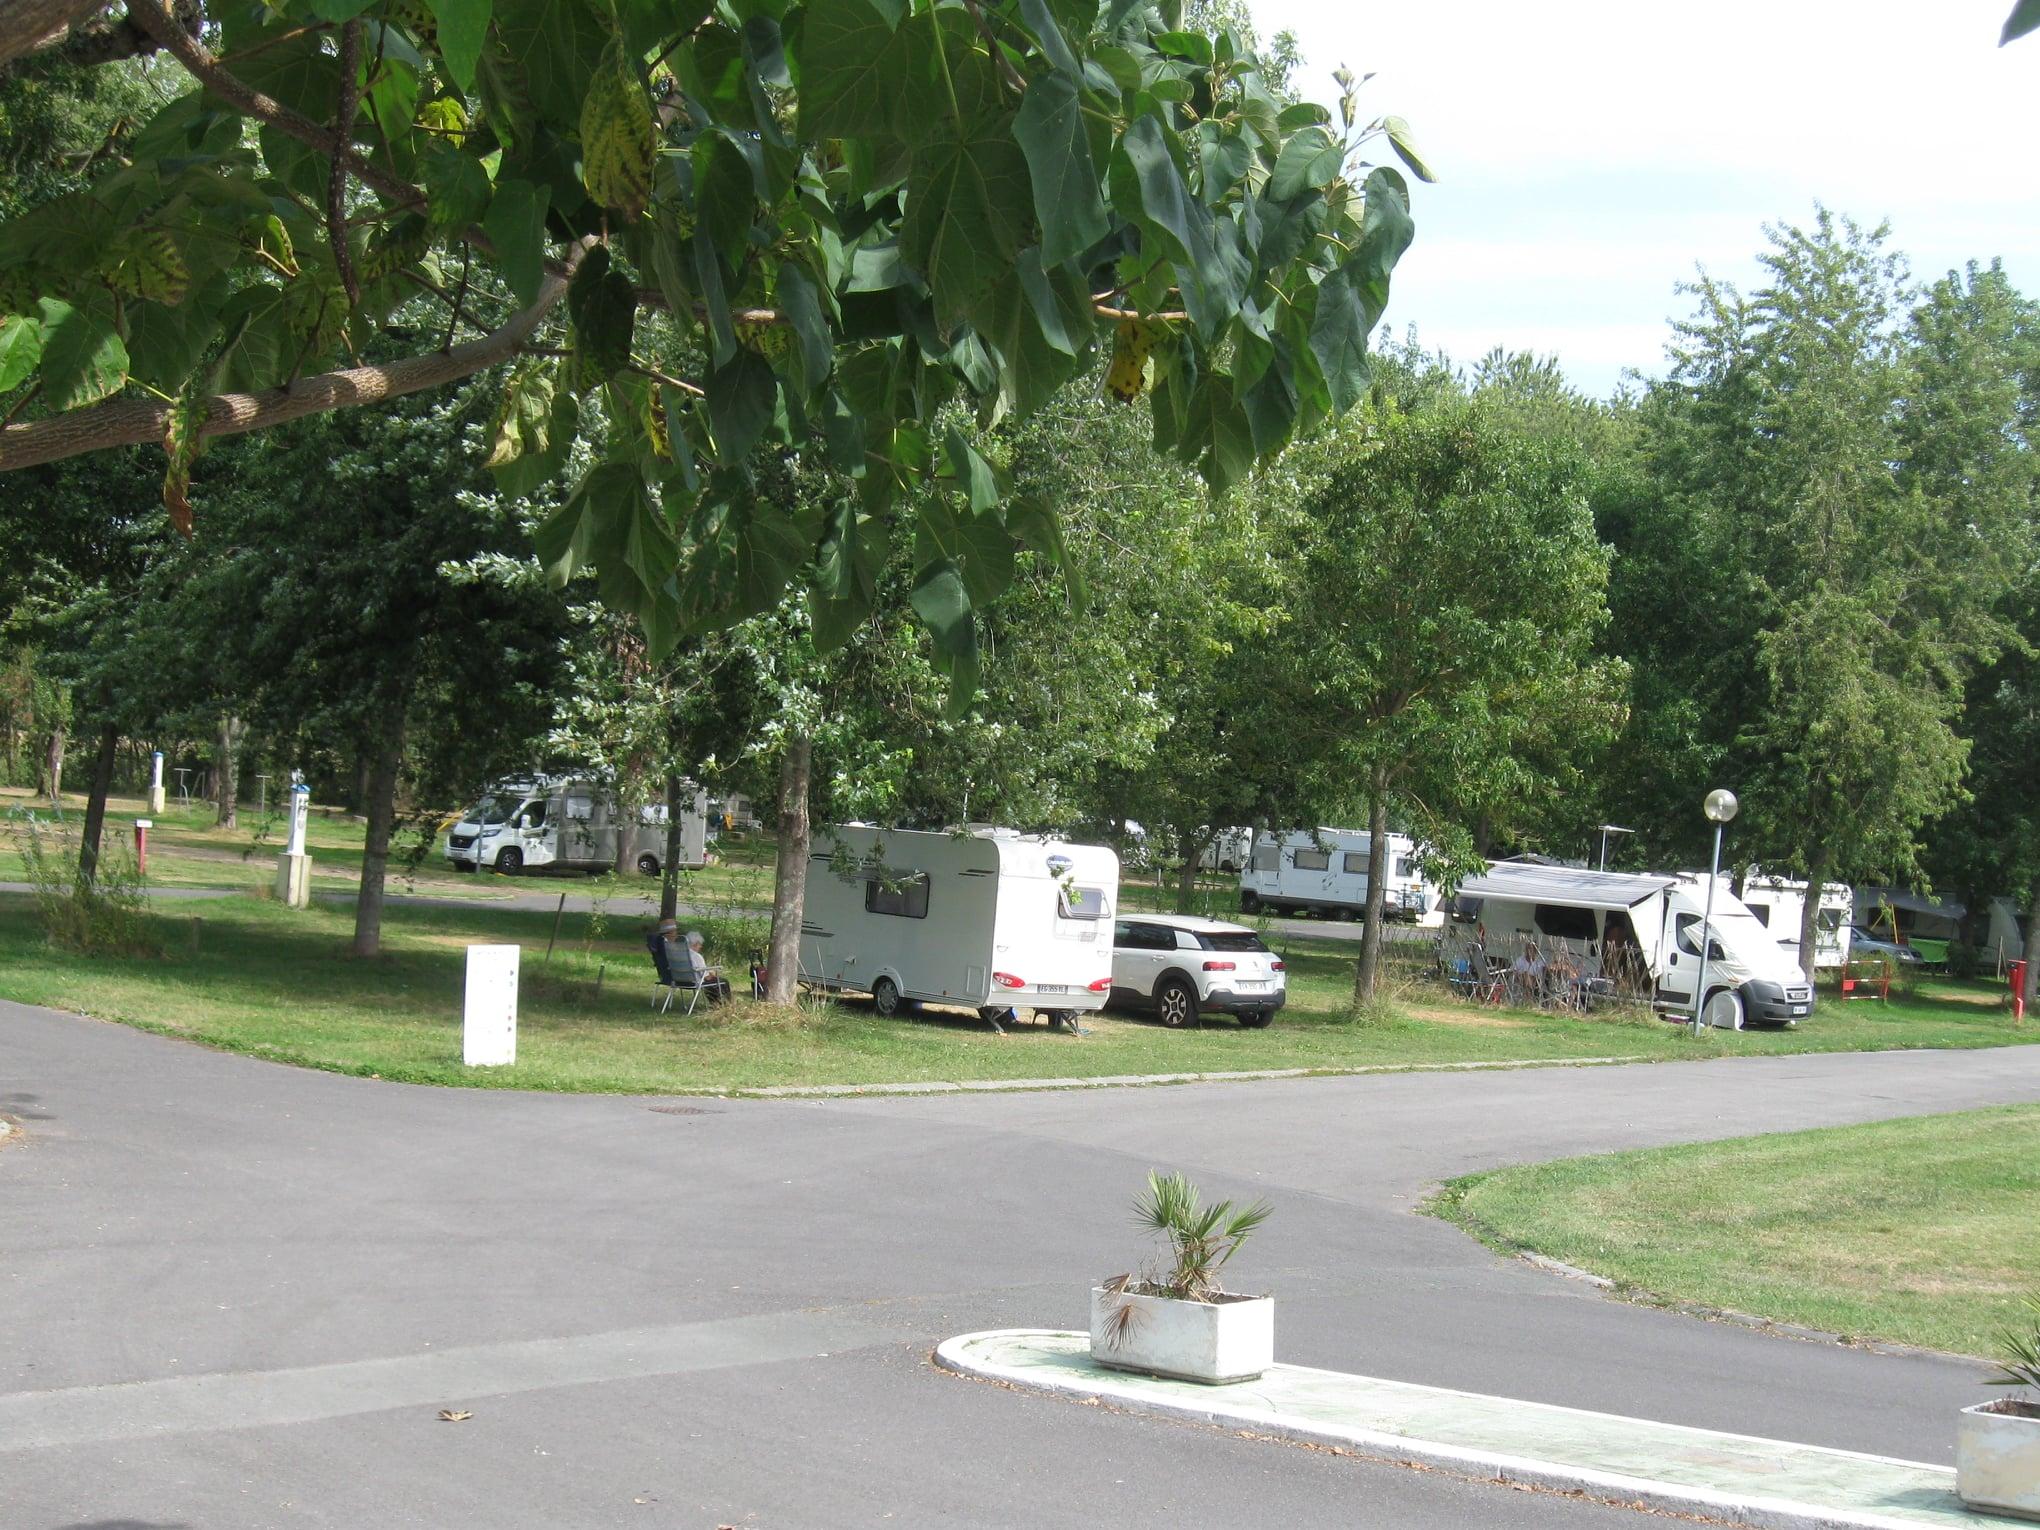 Vente du camping municipal ?